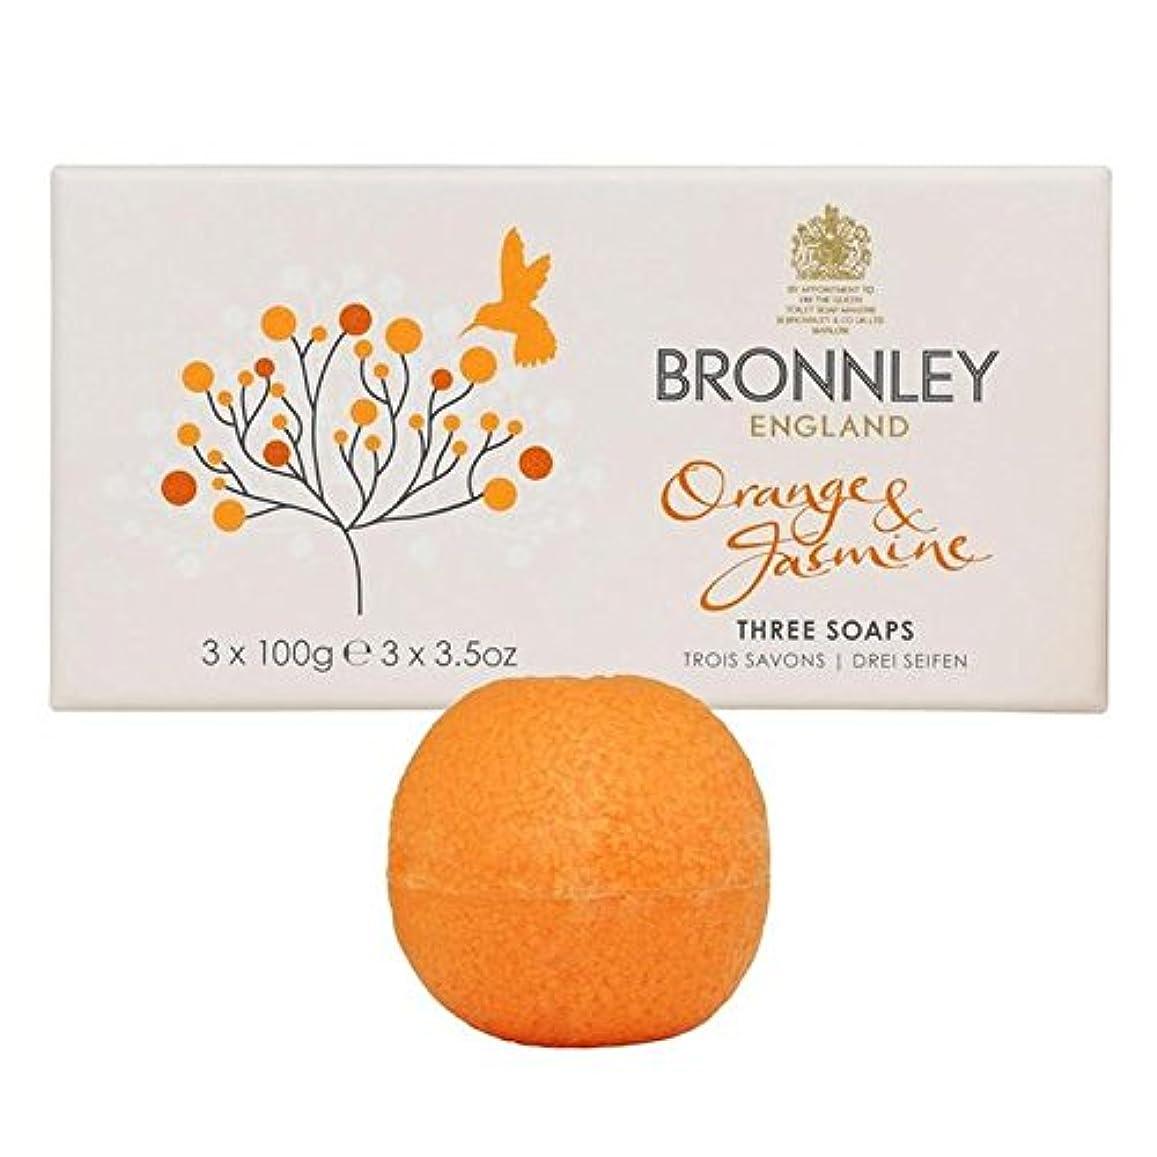 マルクス主義制限明らかBronnley Orange & Jasmine Soaps 3 x 100g - オレンジ&ジャスミン石鹸3×100グラム [並行輸入品]